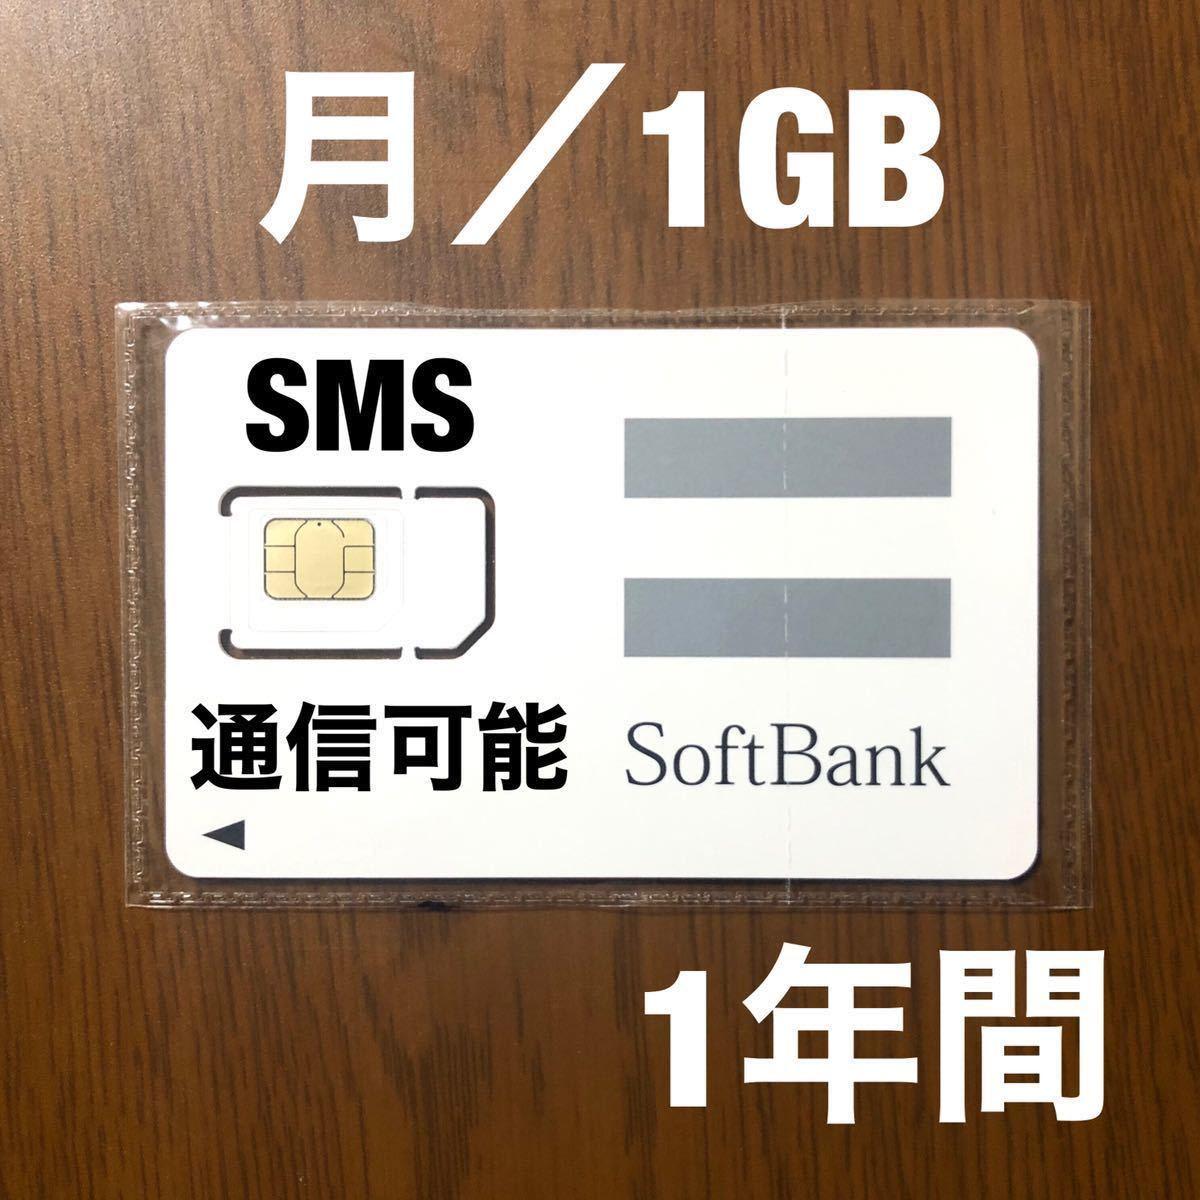 SoftBank 1GB プリペイド データ カード SIM 通信 高速719_画像1